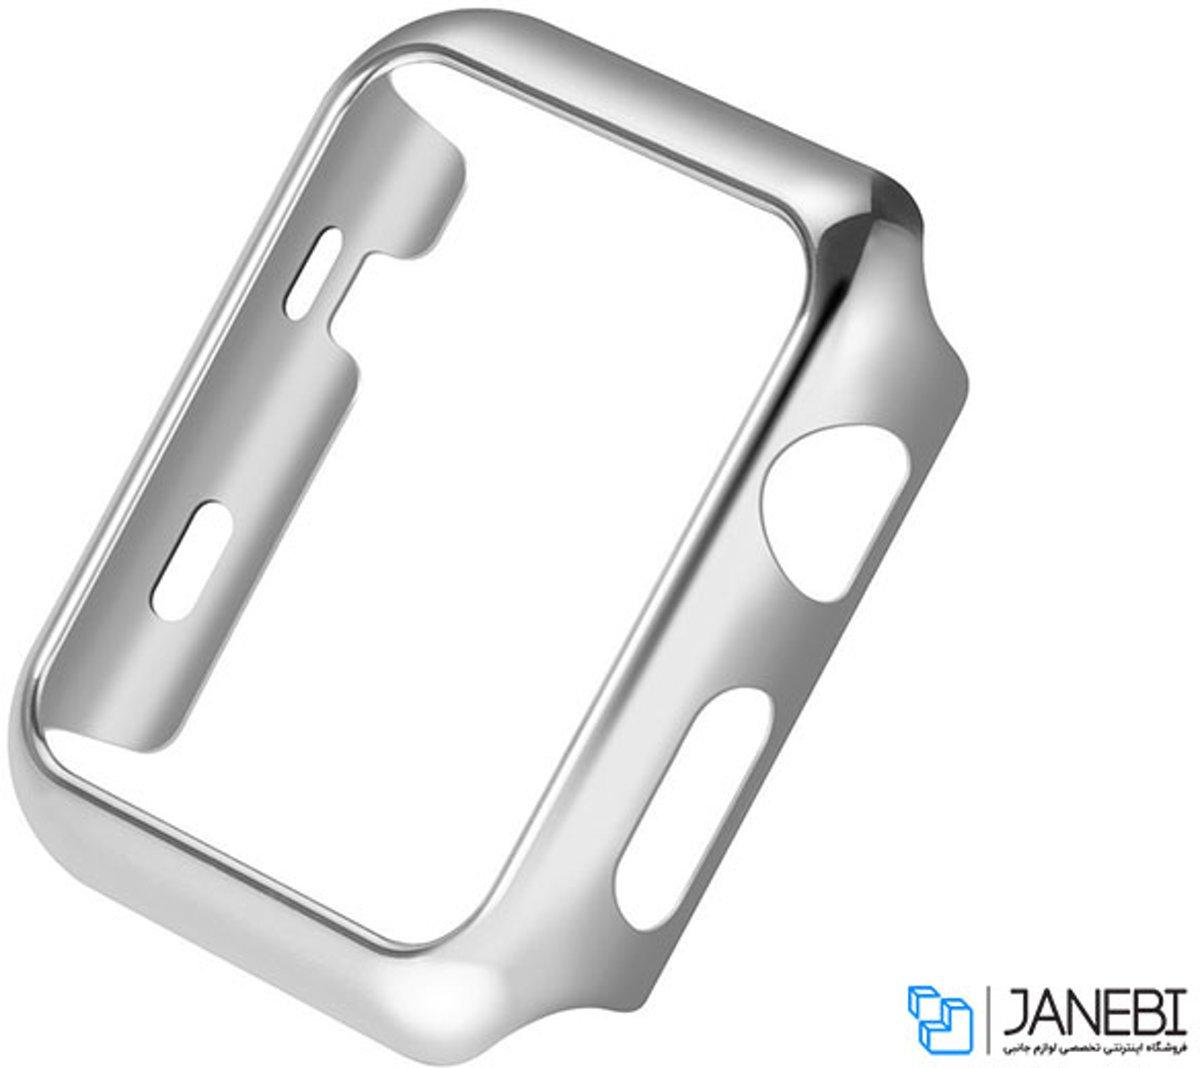 Case Cover PC voor Apple Watch Series 1 / 2 / 3 (42mm) - Zilver kopen